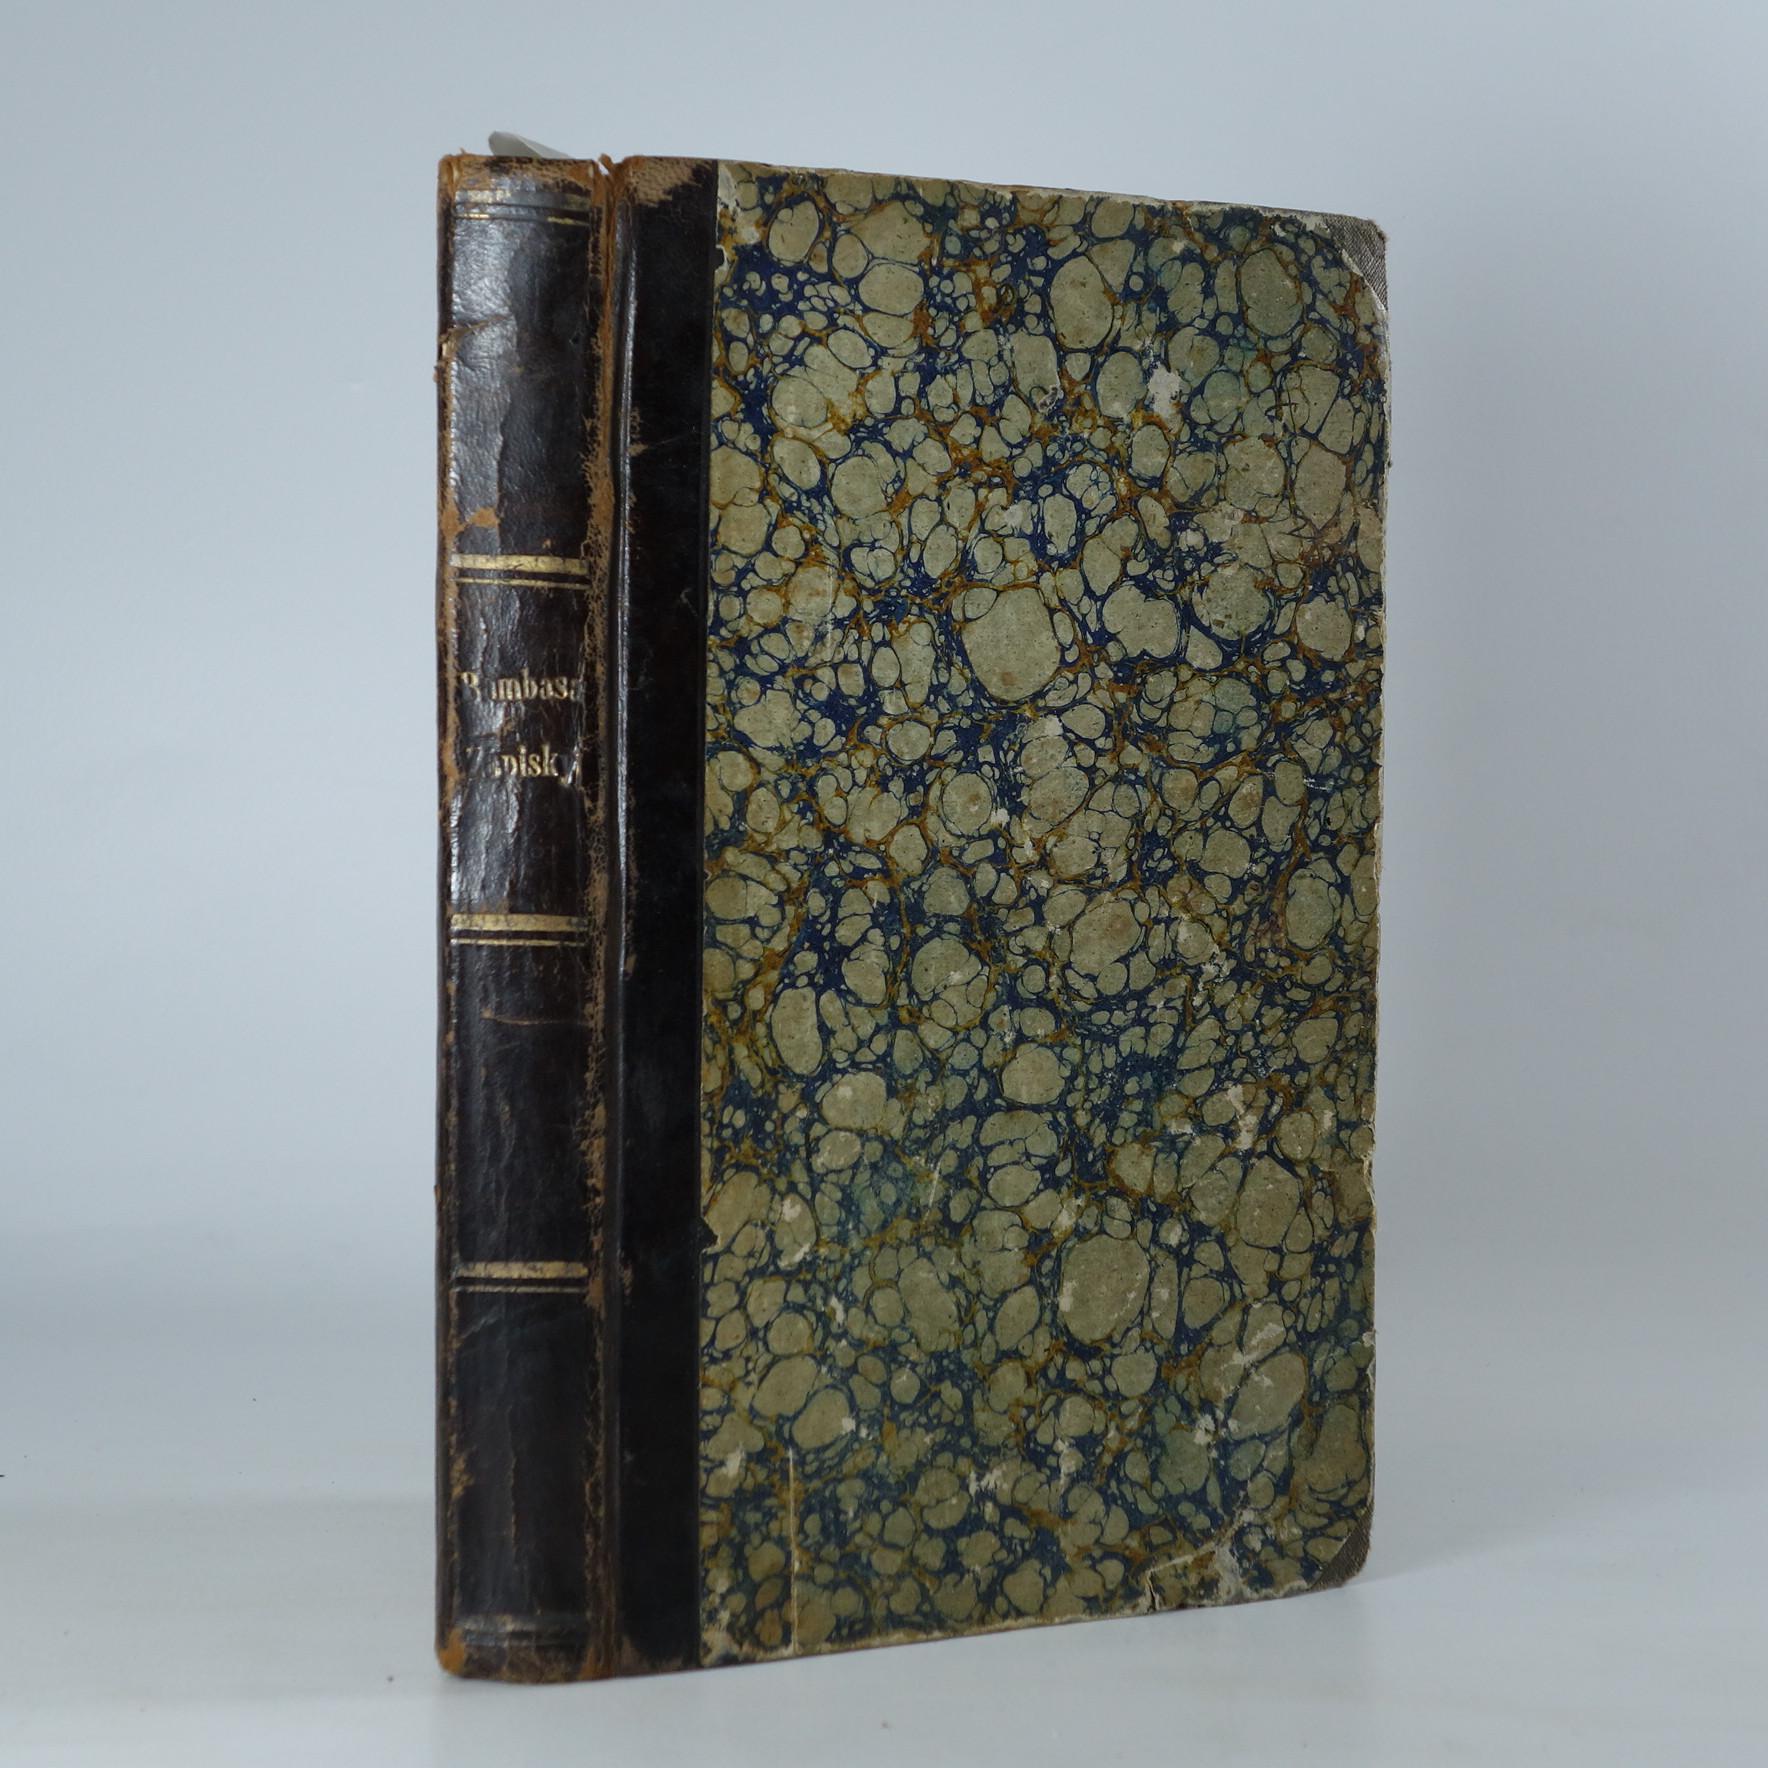 antikvární kniha Zápisky z církve vyobcovaného kněze dr. Augustina Smetany, 1863